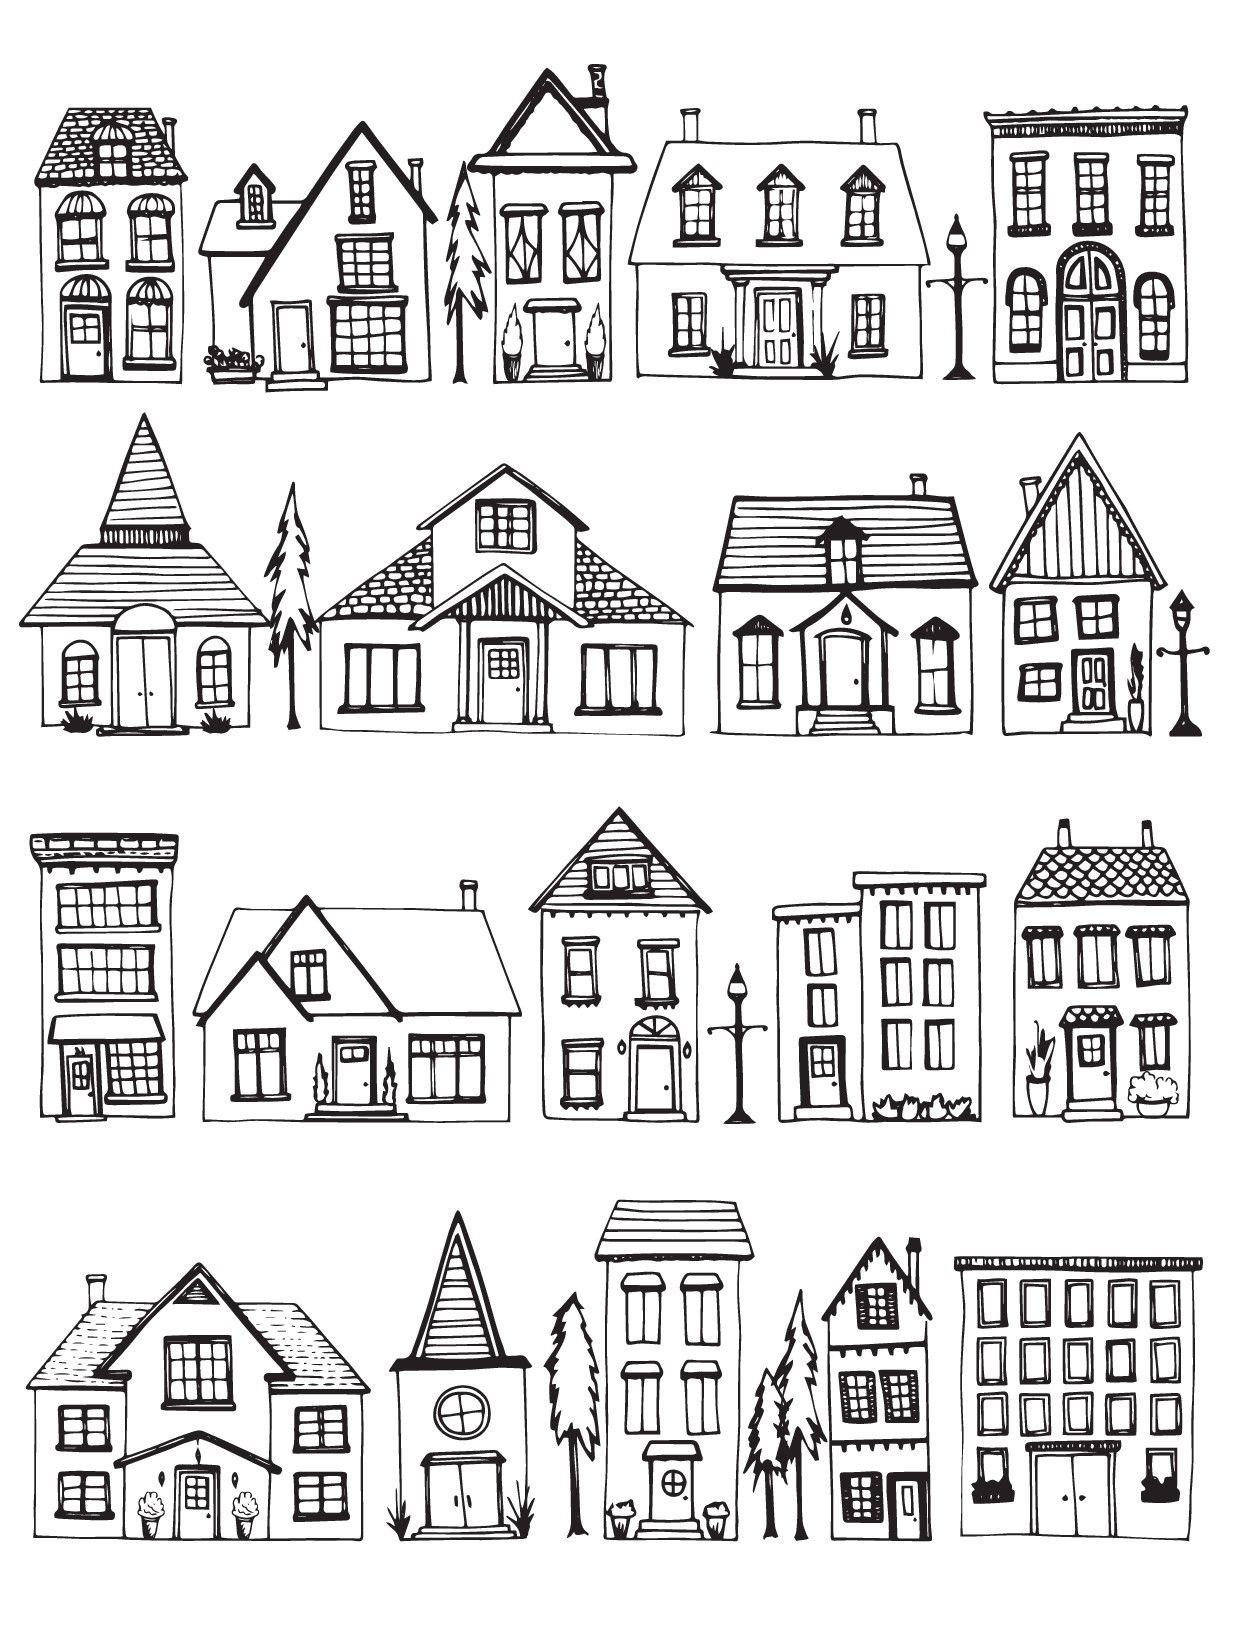 раскраски города много разных домиков и коттеджей